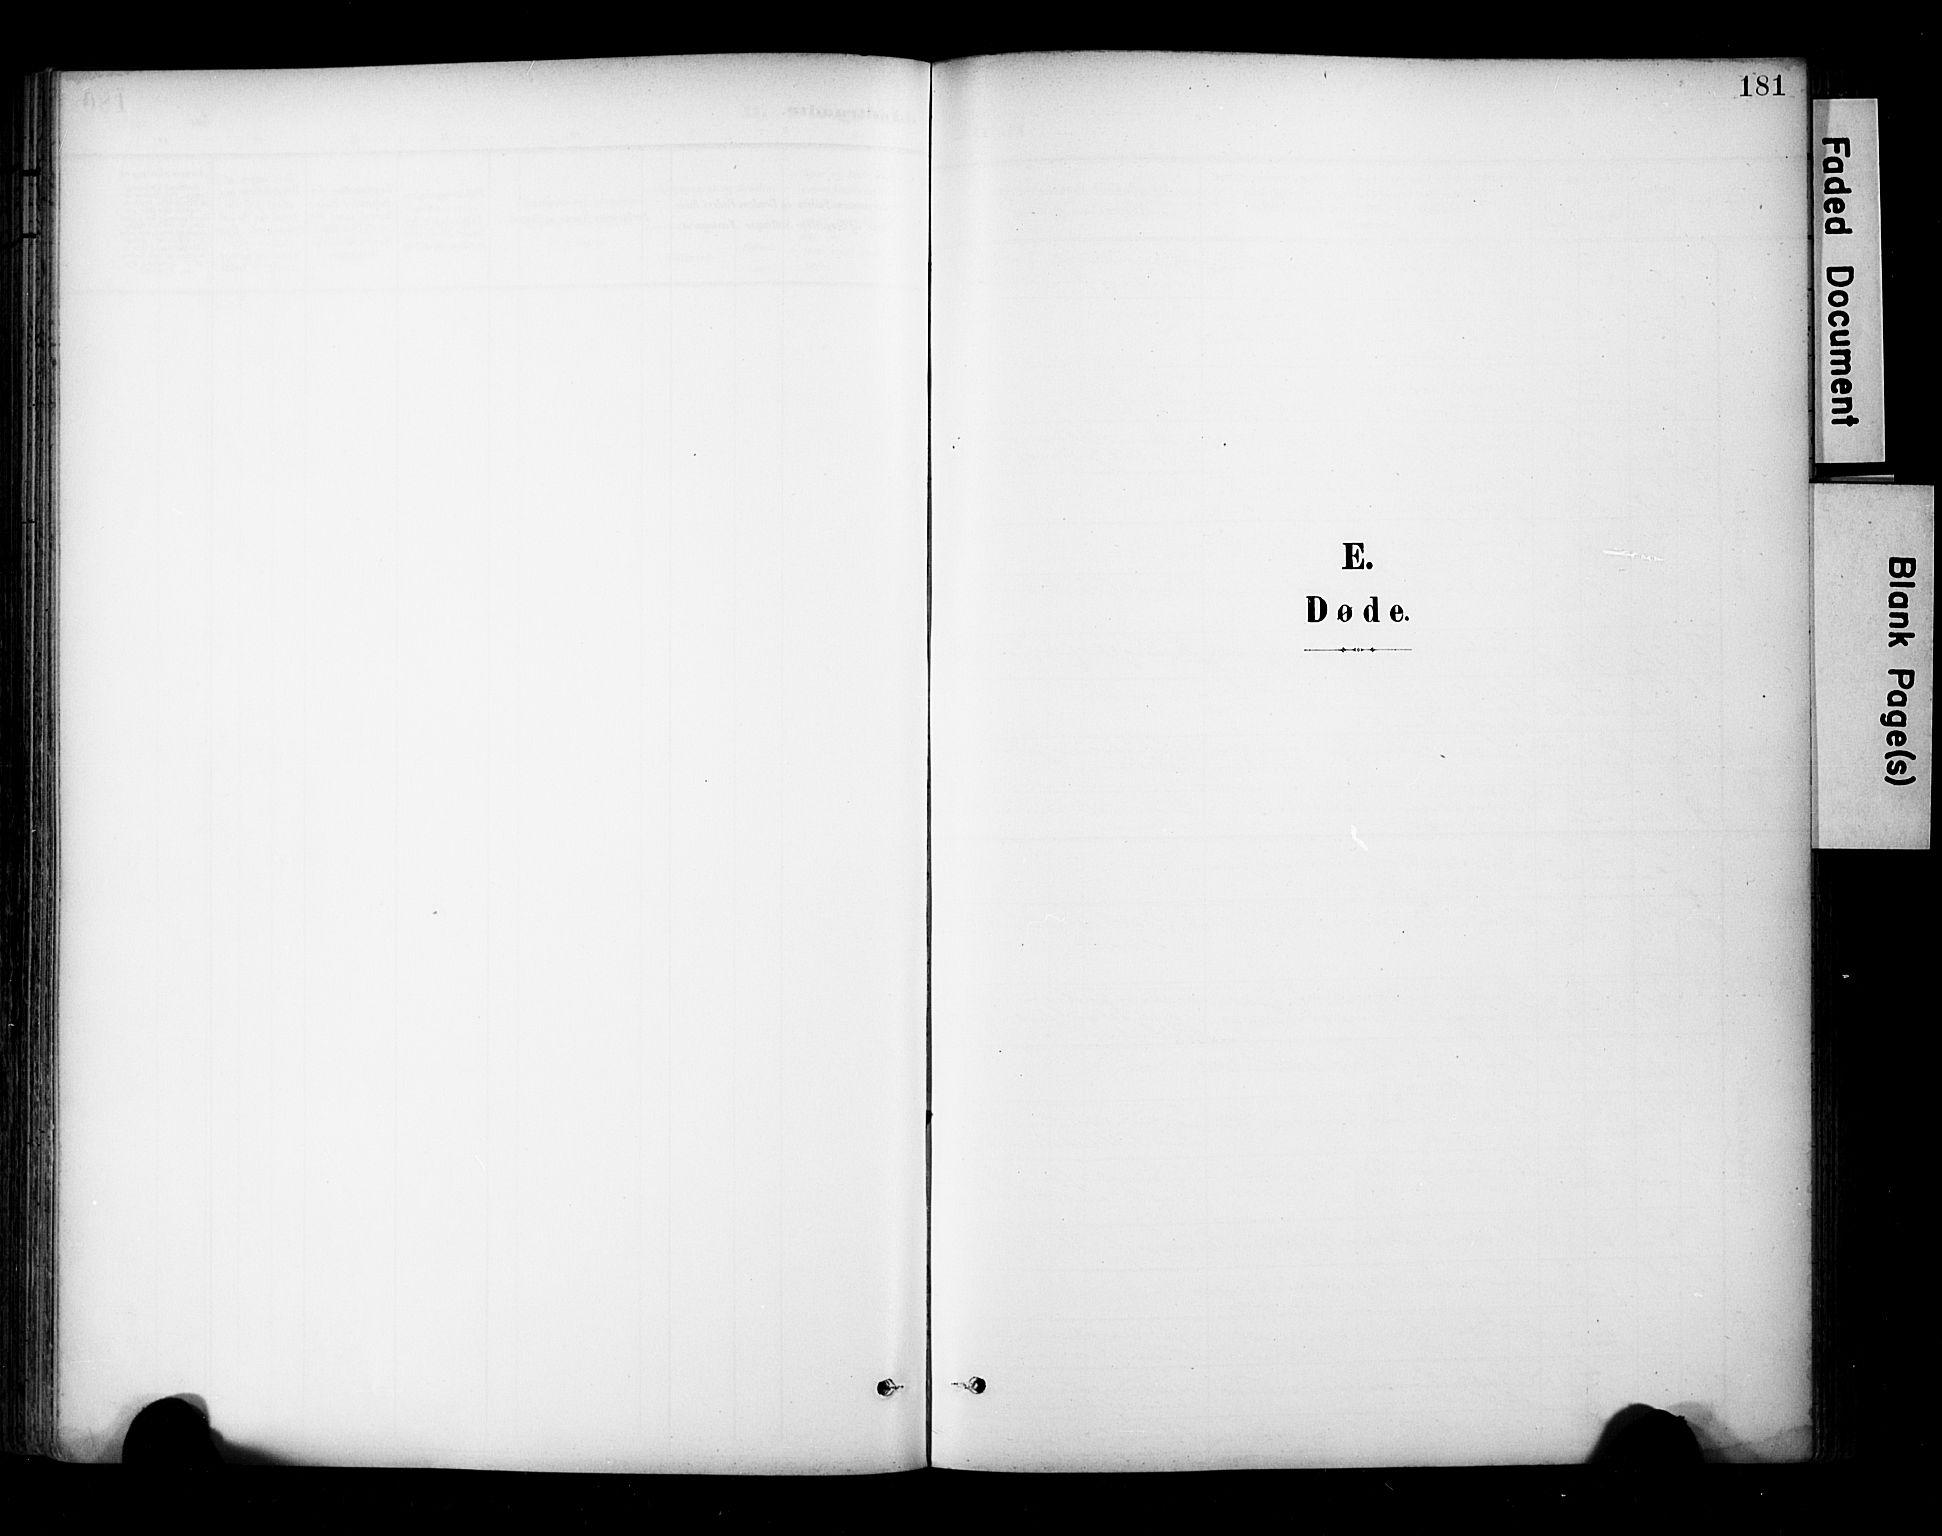 SAT, Ministerialprotokoller, klokkerbøker og fødselsregistre - Sør-Trøndelag, 681/L0936: Ministerialbok nr. 681A14, 1899-1908, s. 181